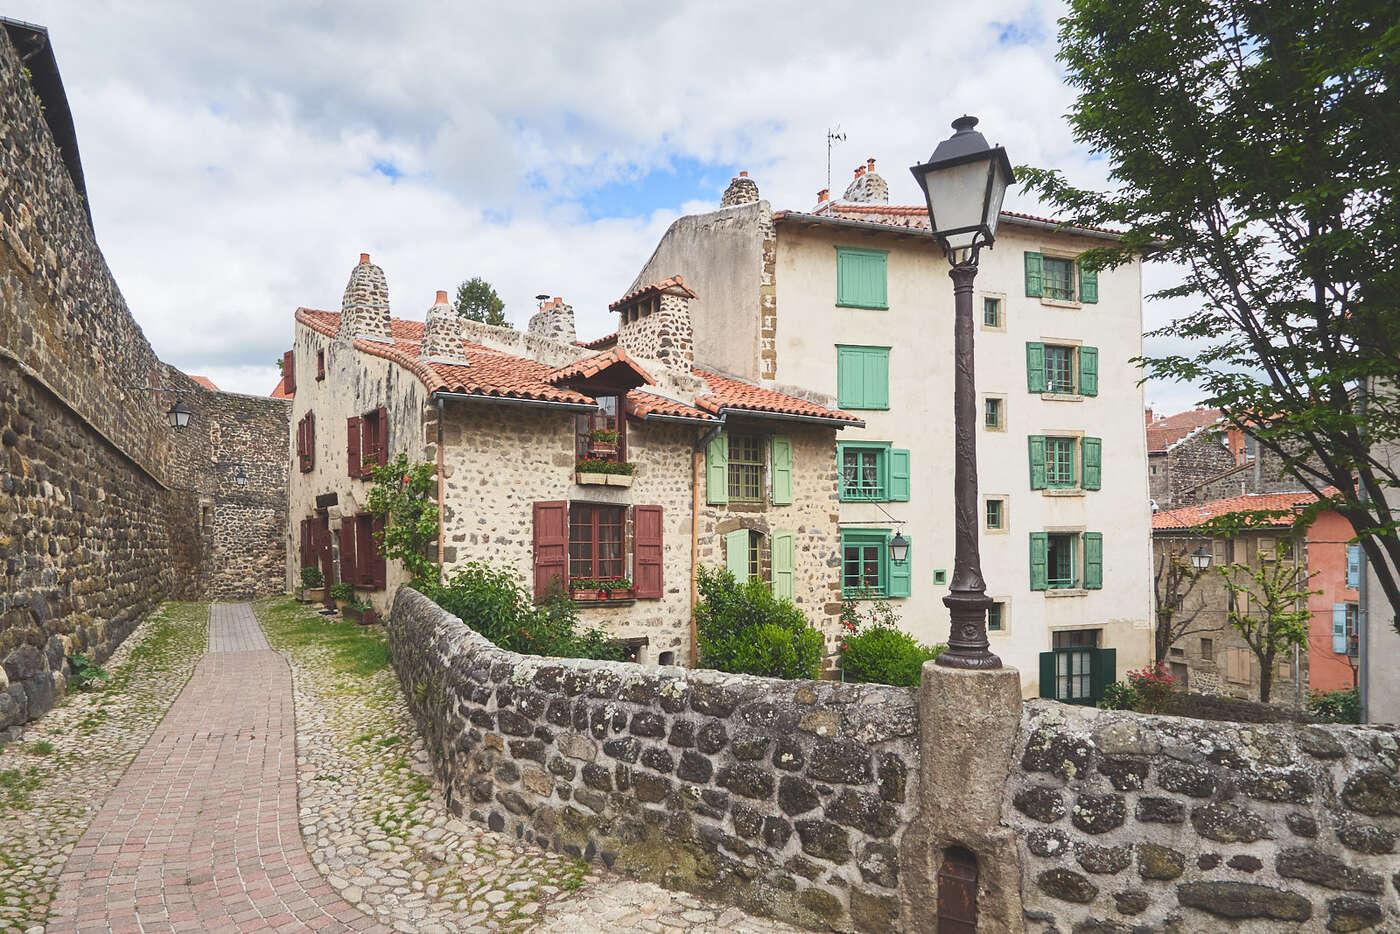 Rue Sous Sainte Claire, Puy-en-Velay